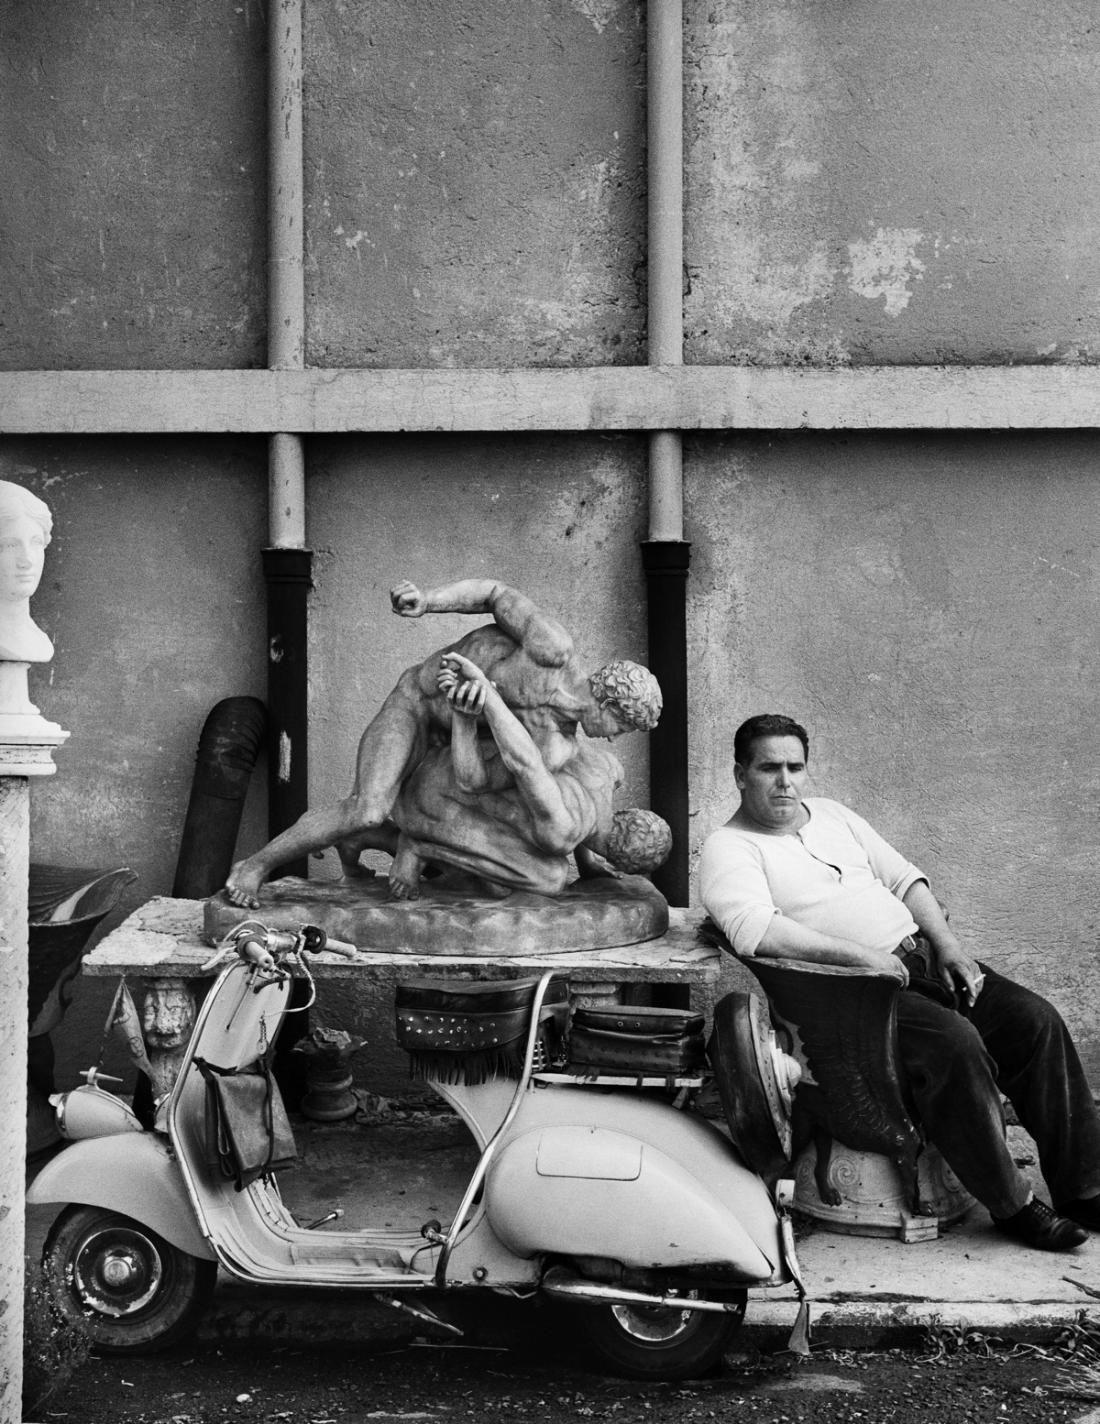 Watchman, Cineccità, Rome, 1956 © William Klein